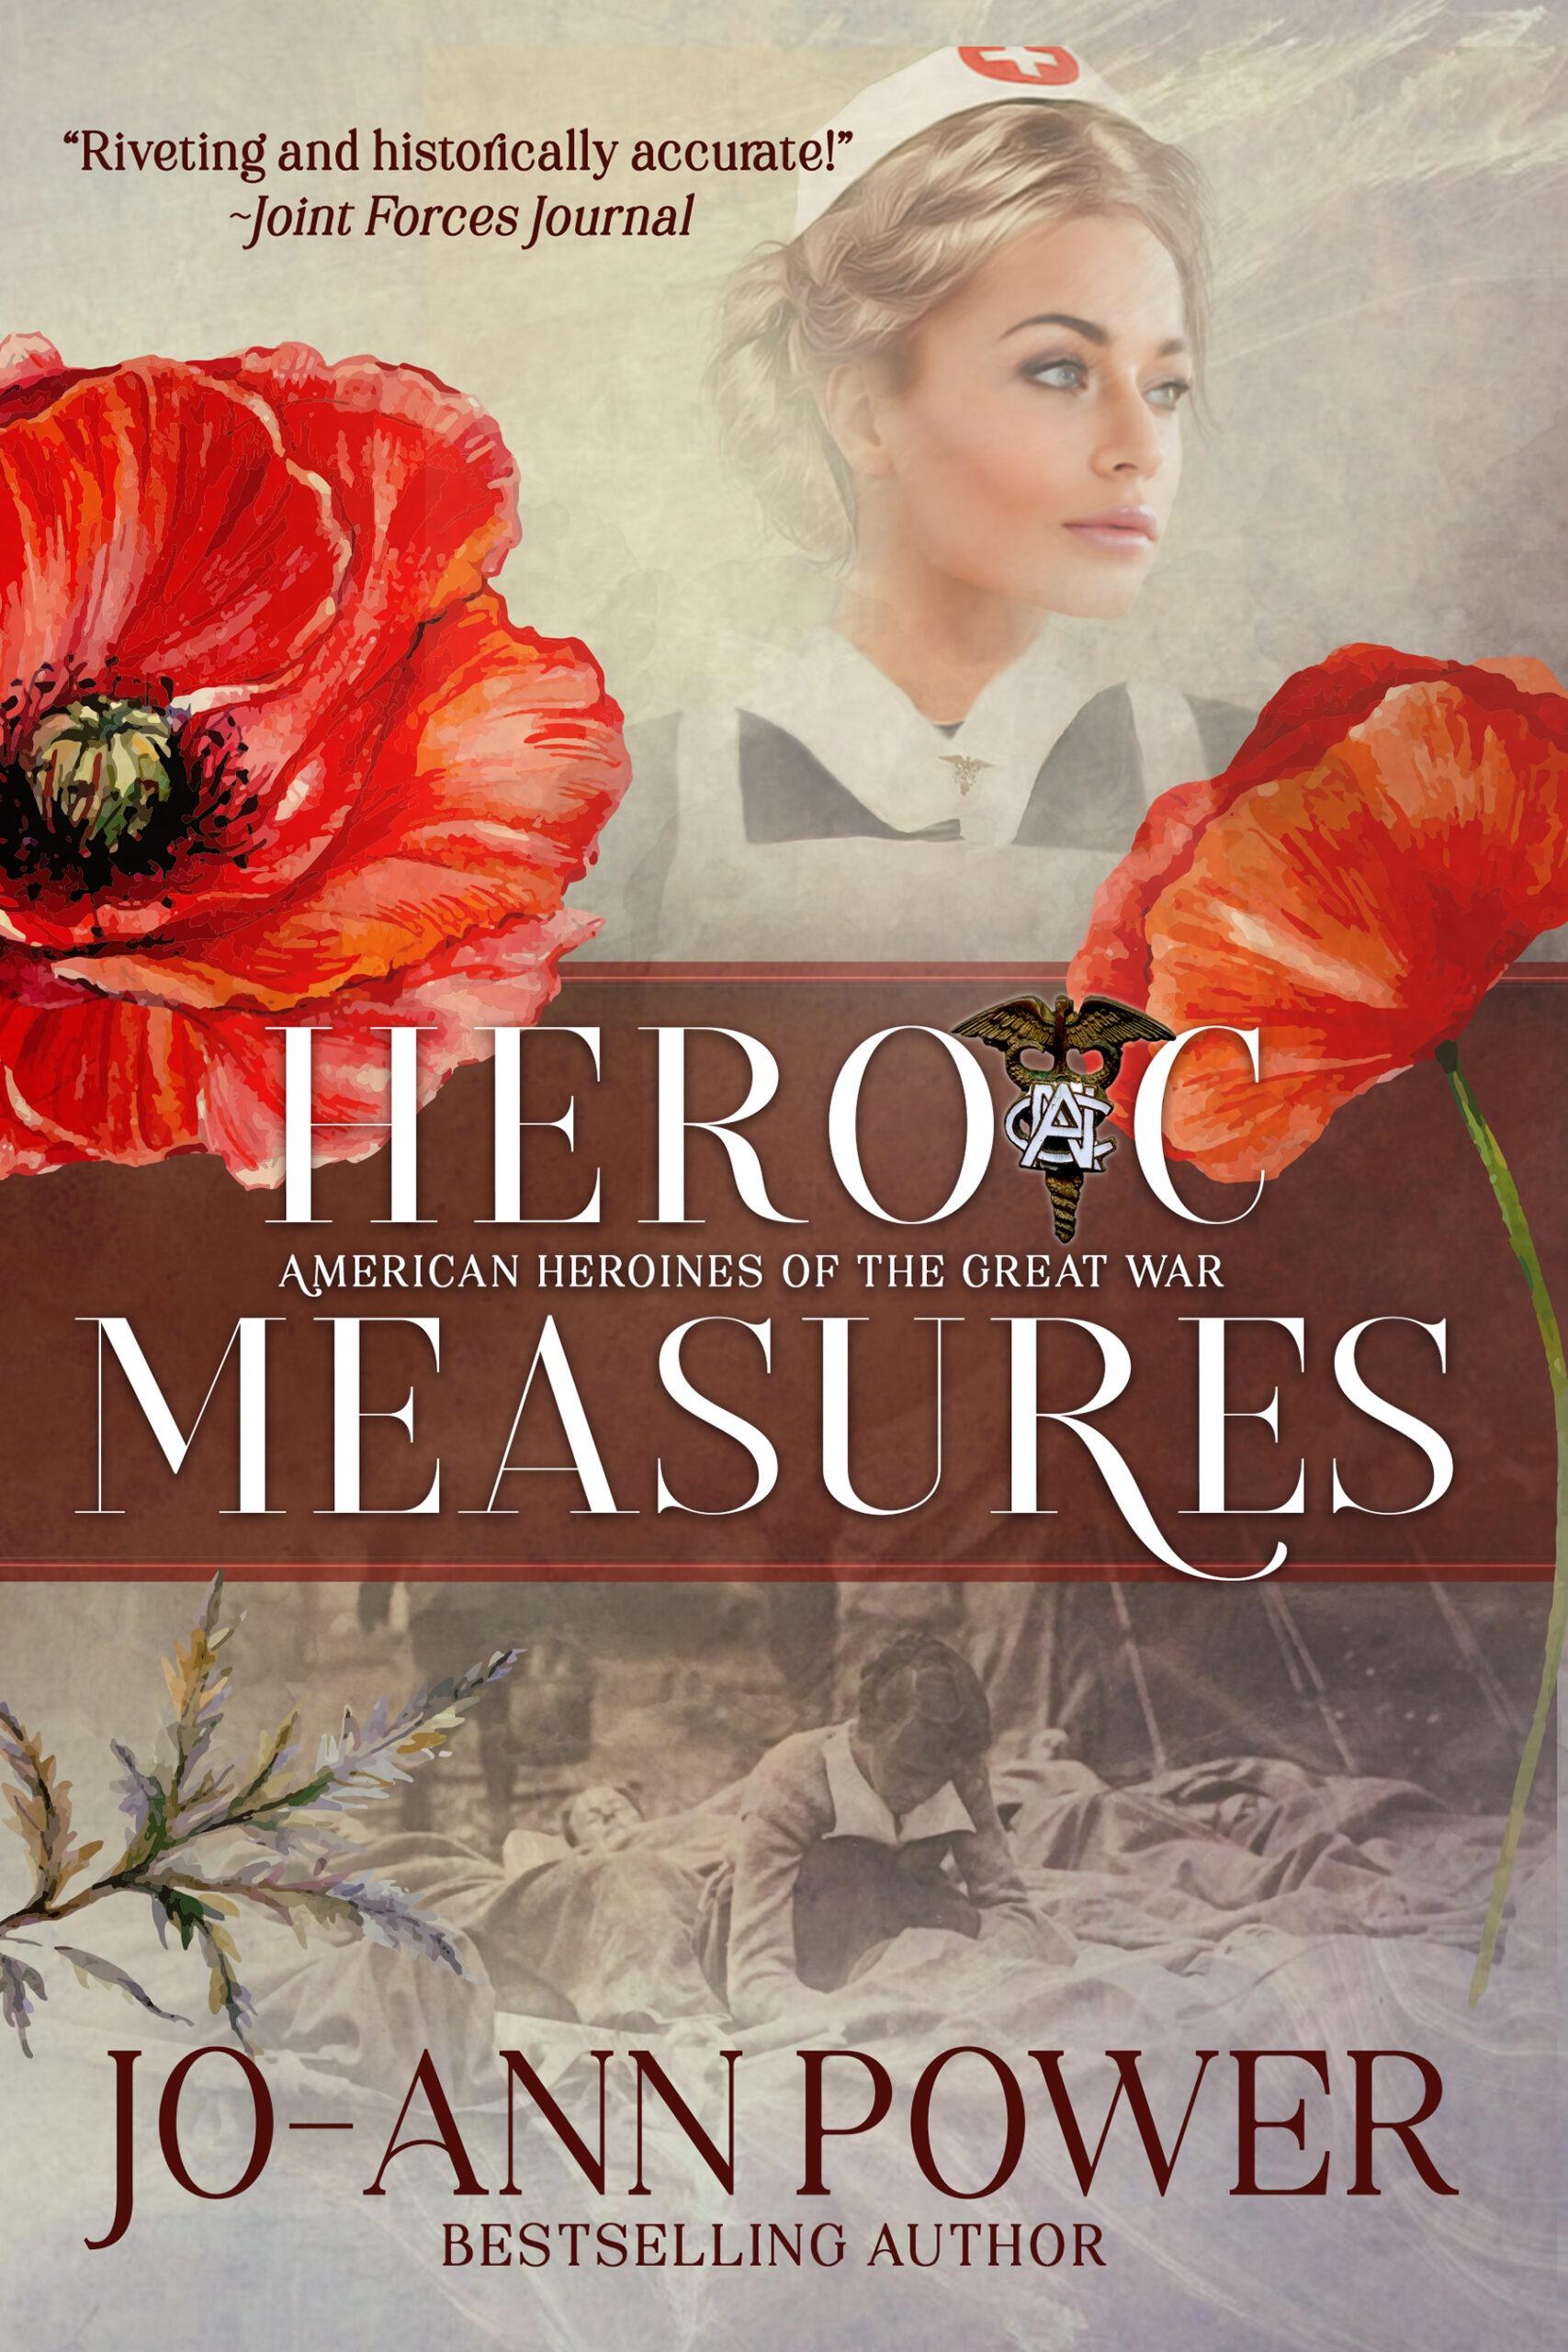 HEROIC MEASURES by Jo-Ann Power hi res